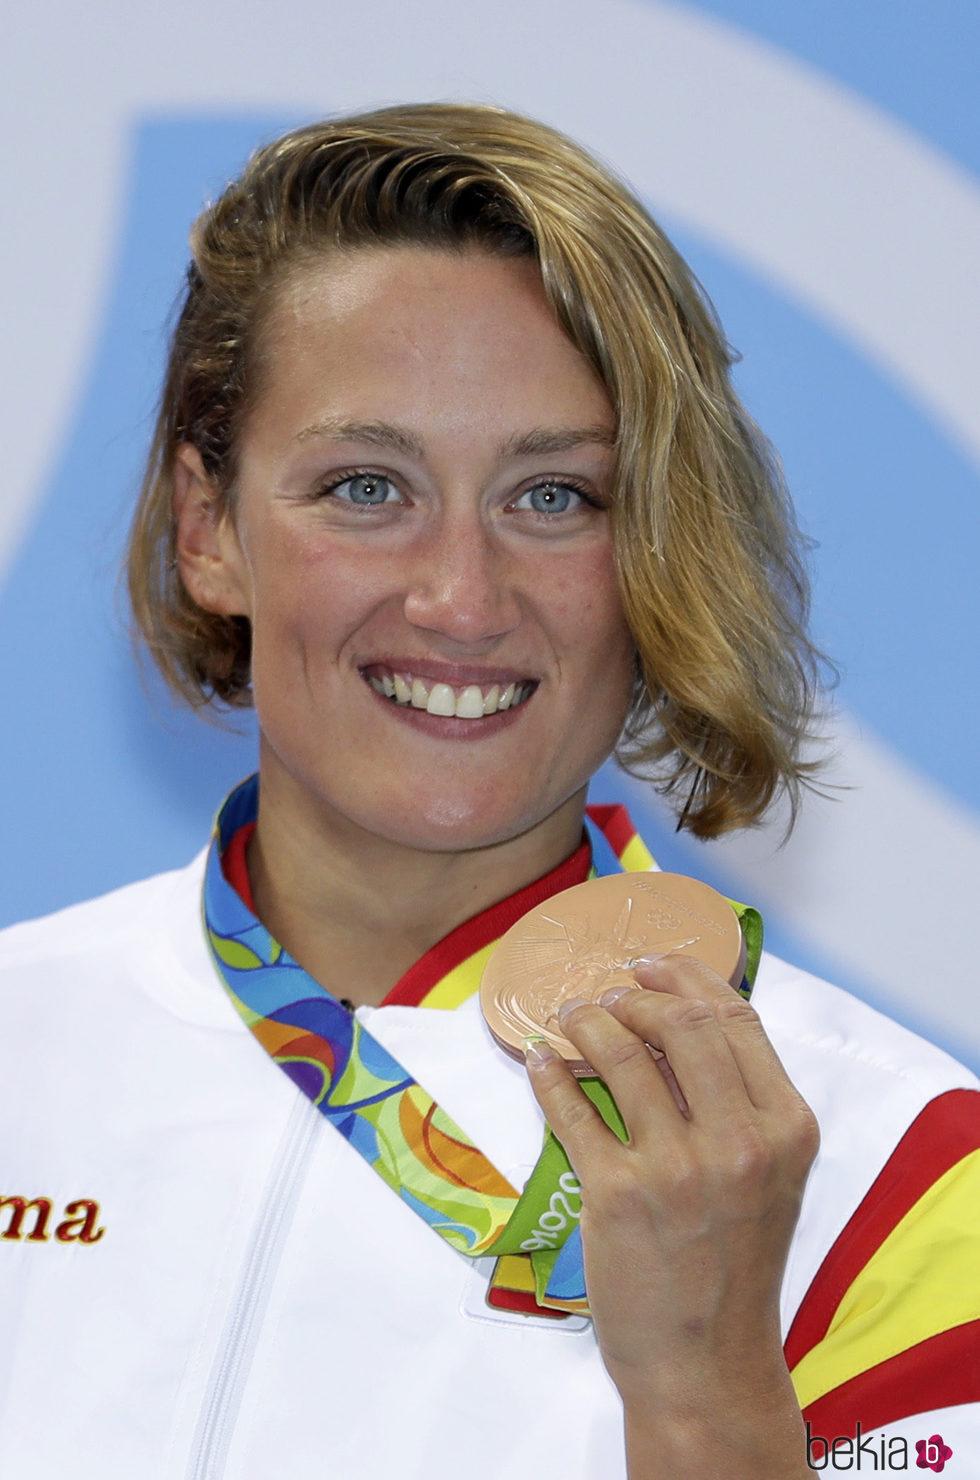 Mireia Belmonte Garcia mostrando el bronce después de la competición de los 400 metros en los Juegos Olímpicos de Río